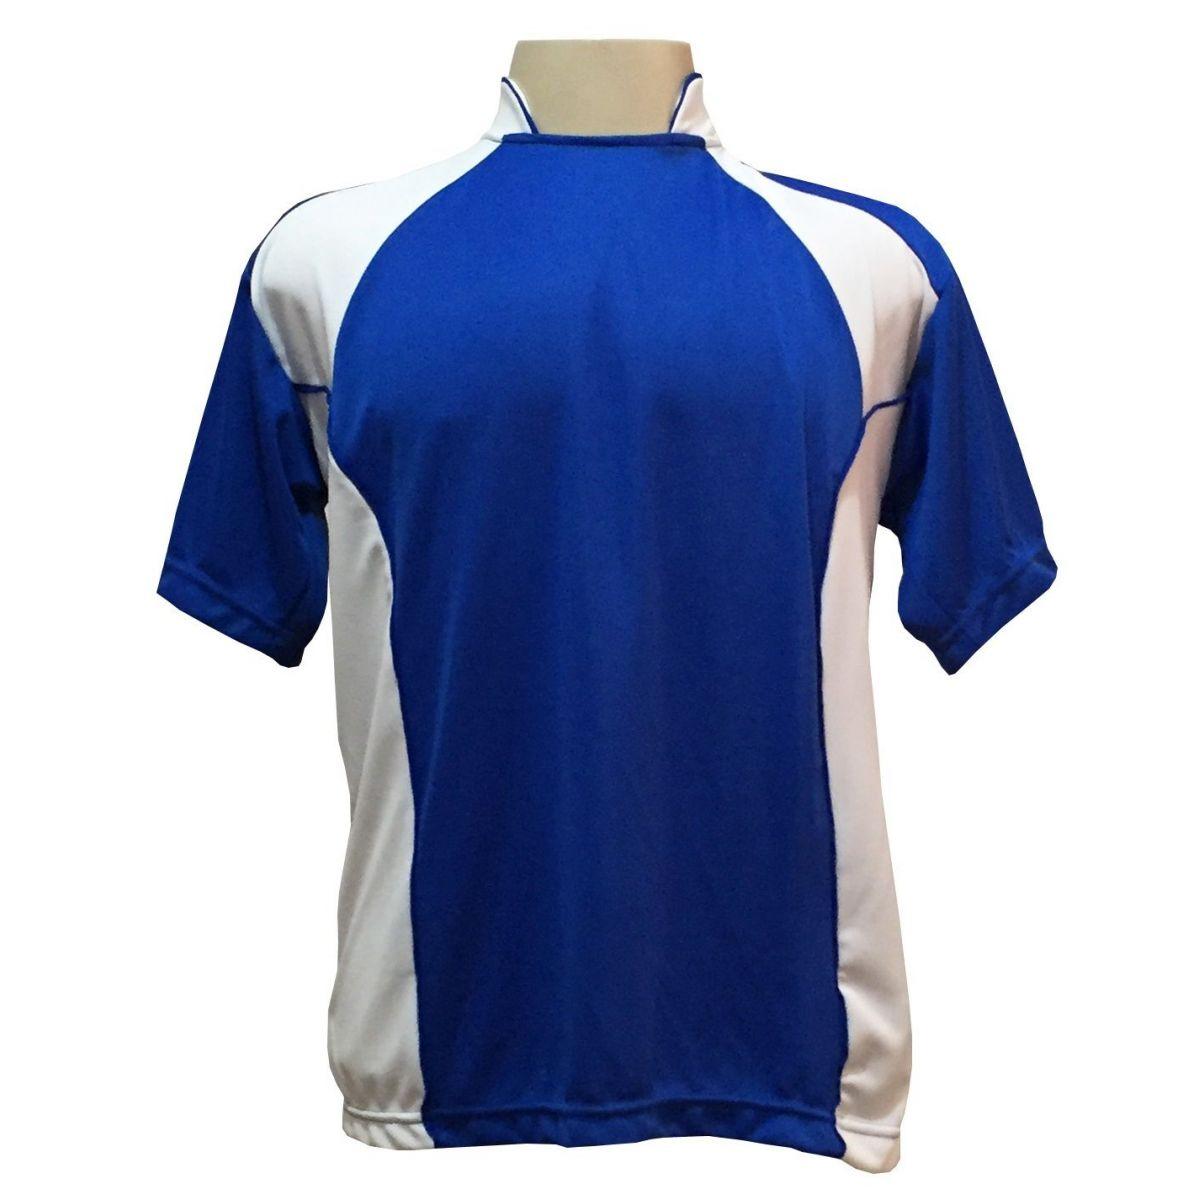 Jogo de Camisa com 14 unidades modelo Suécia Royal/Branco